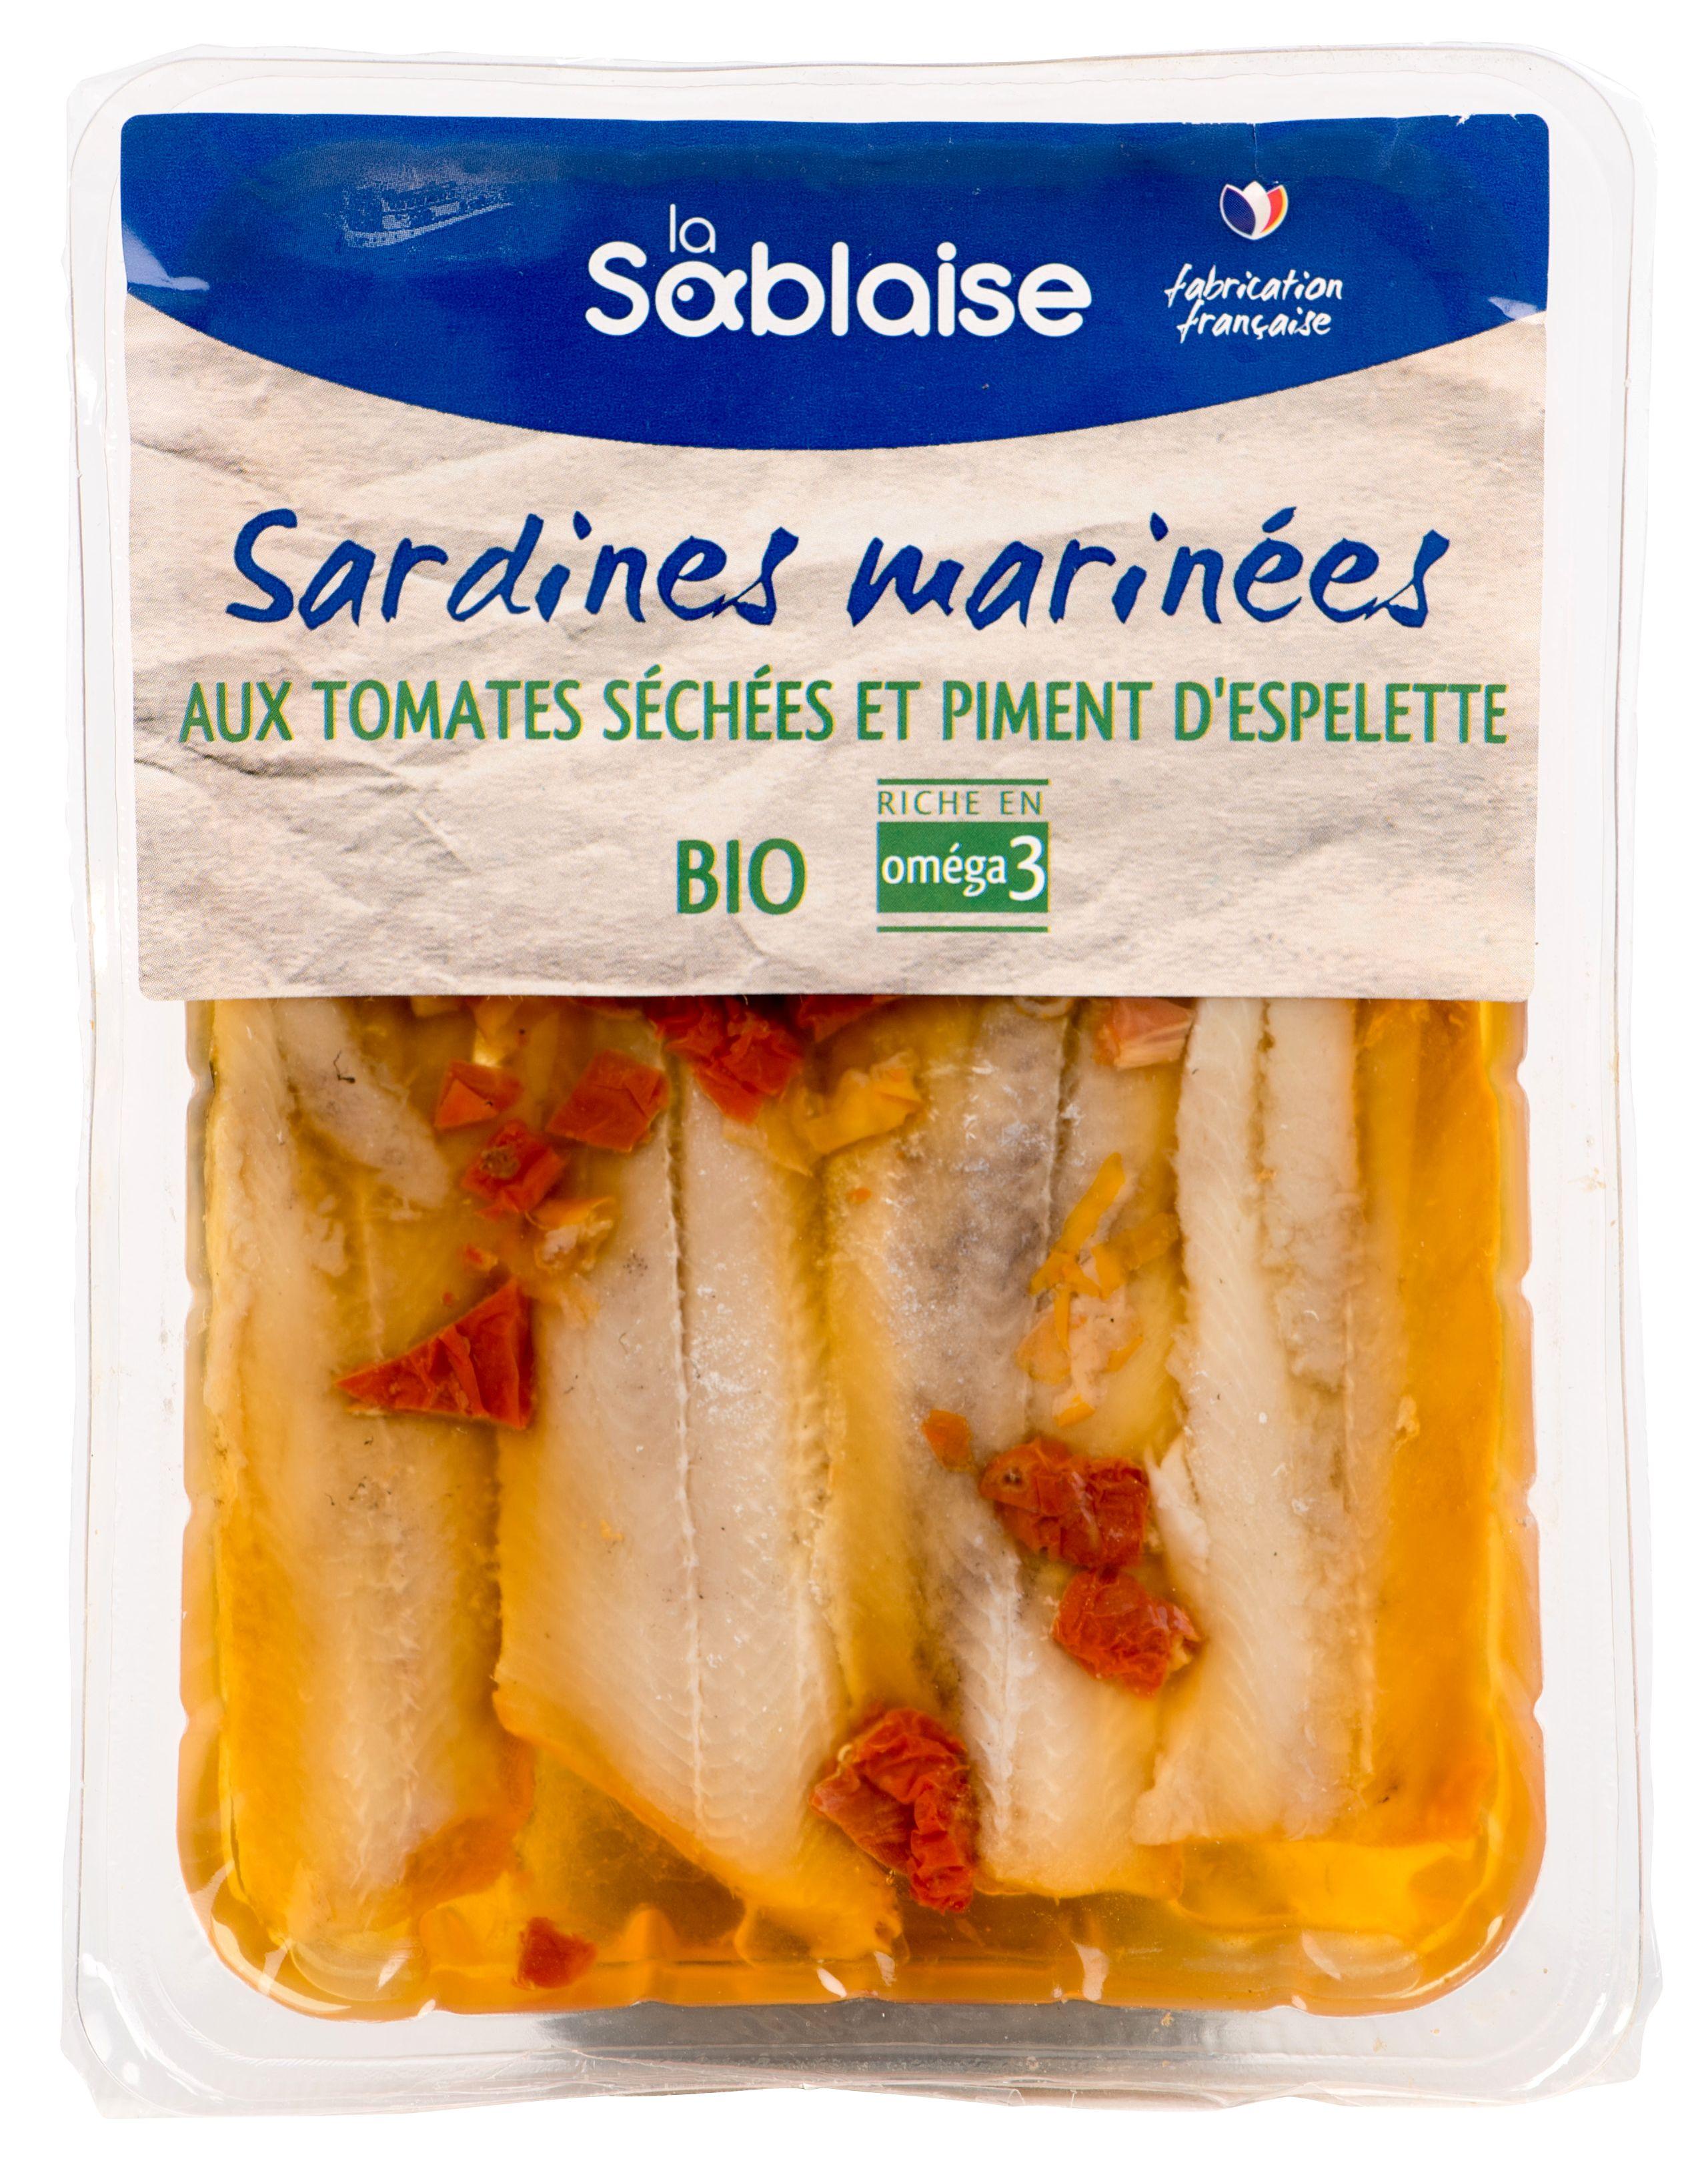 Sardines marinées aux tomates et piment d'espelette BIO, La Sablaise (150 g)